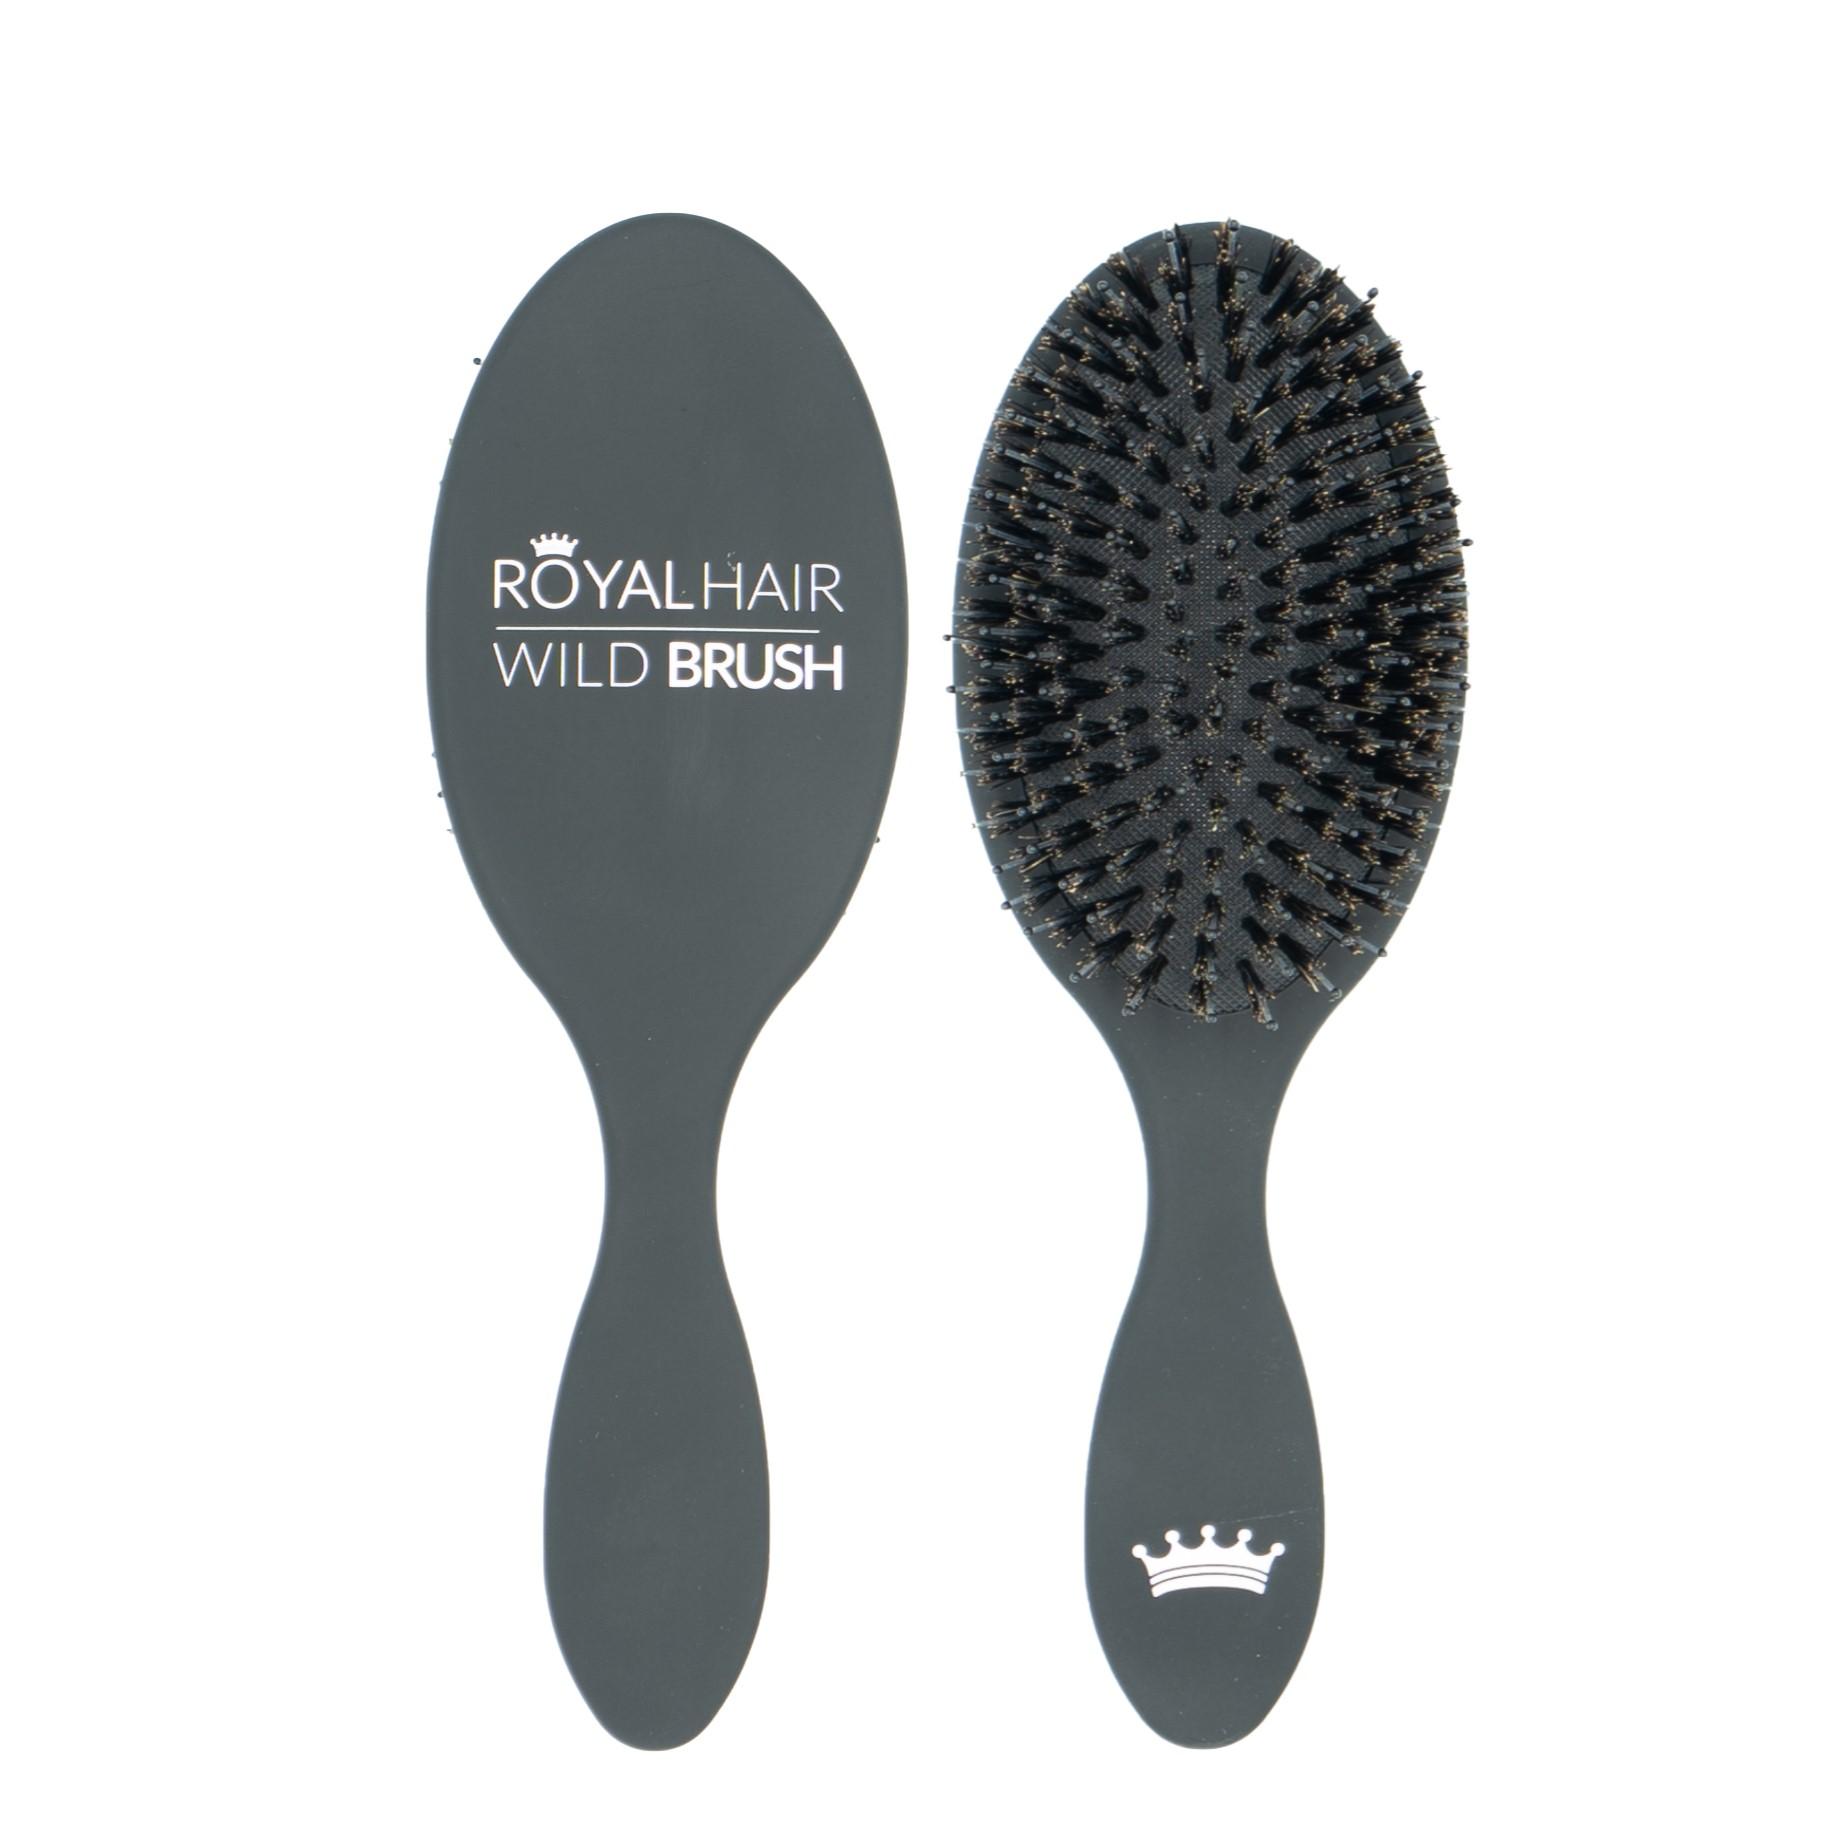 Royal hair Wild Brush med vildsvinehår som er rigtig god til alle hårtyper